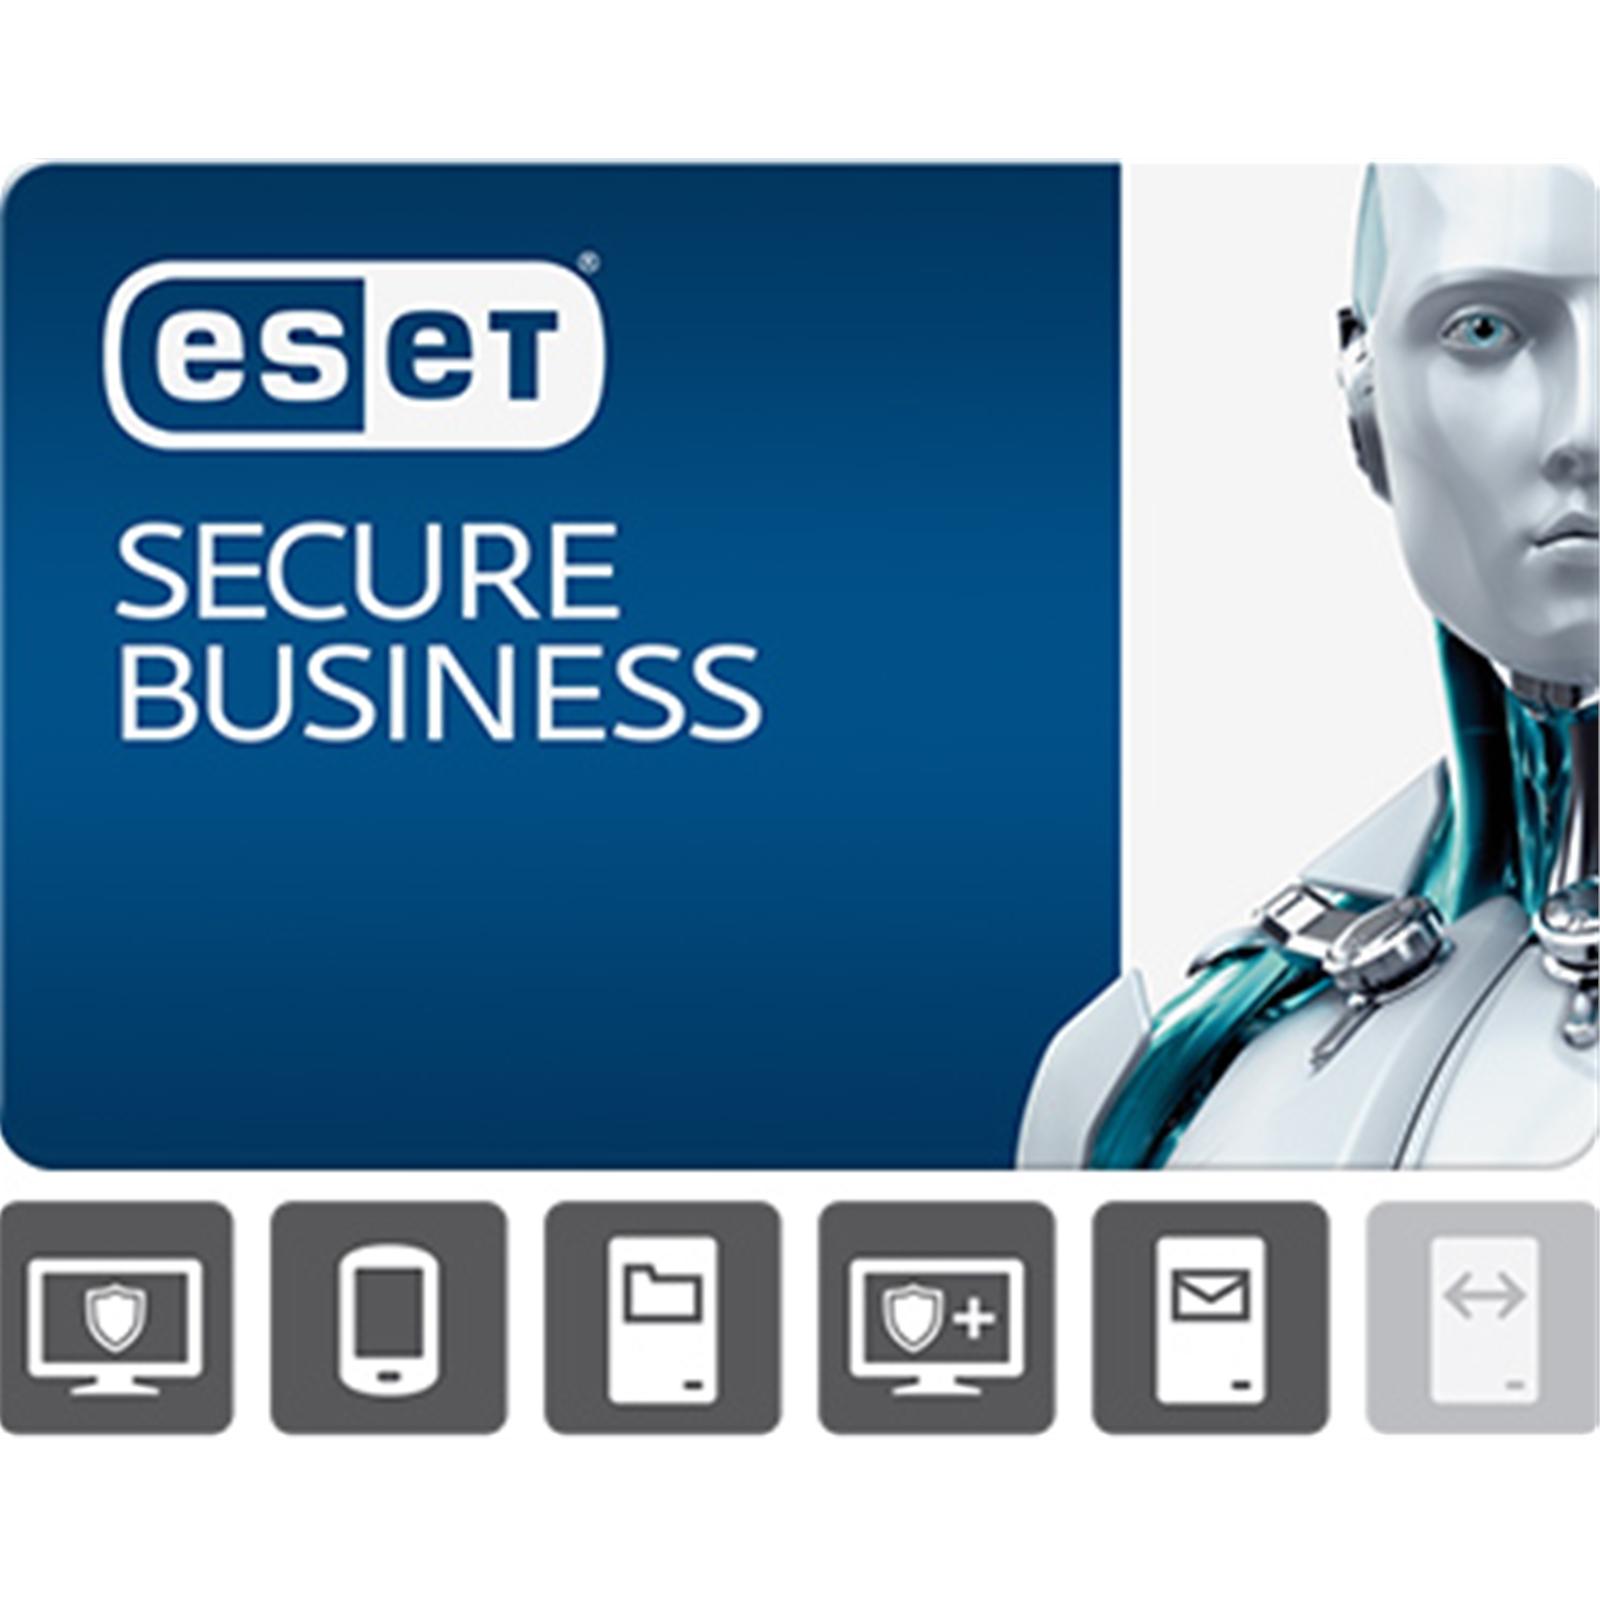 Eset Secure Business 5 Users 1 Year Serversplus